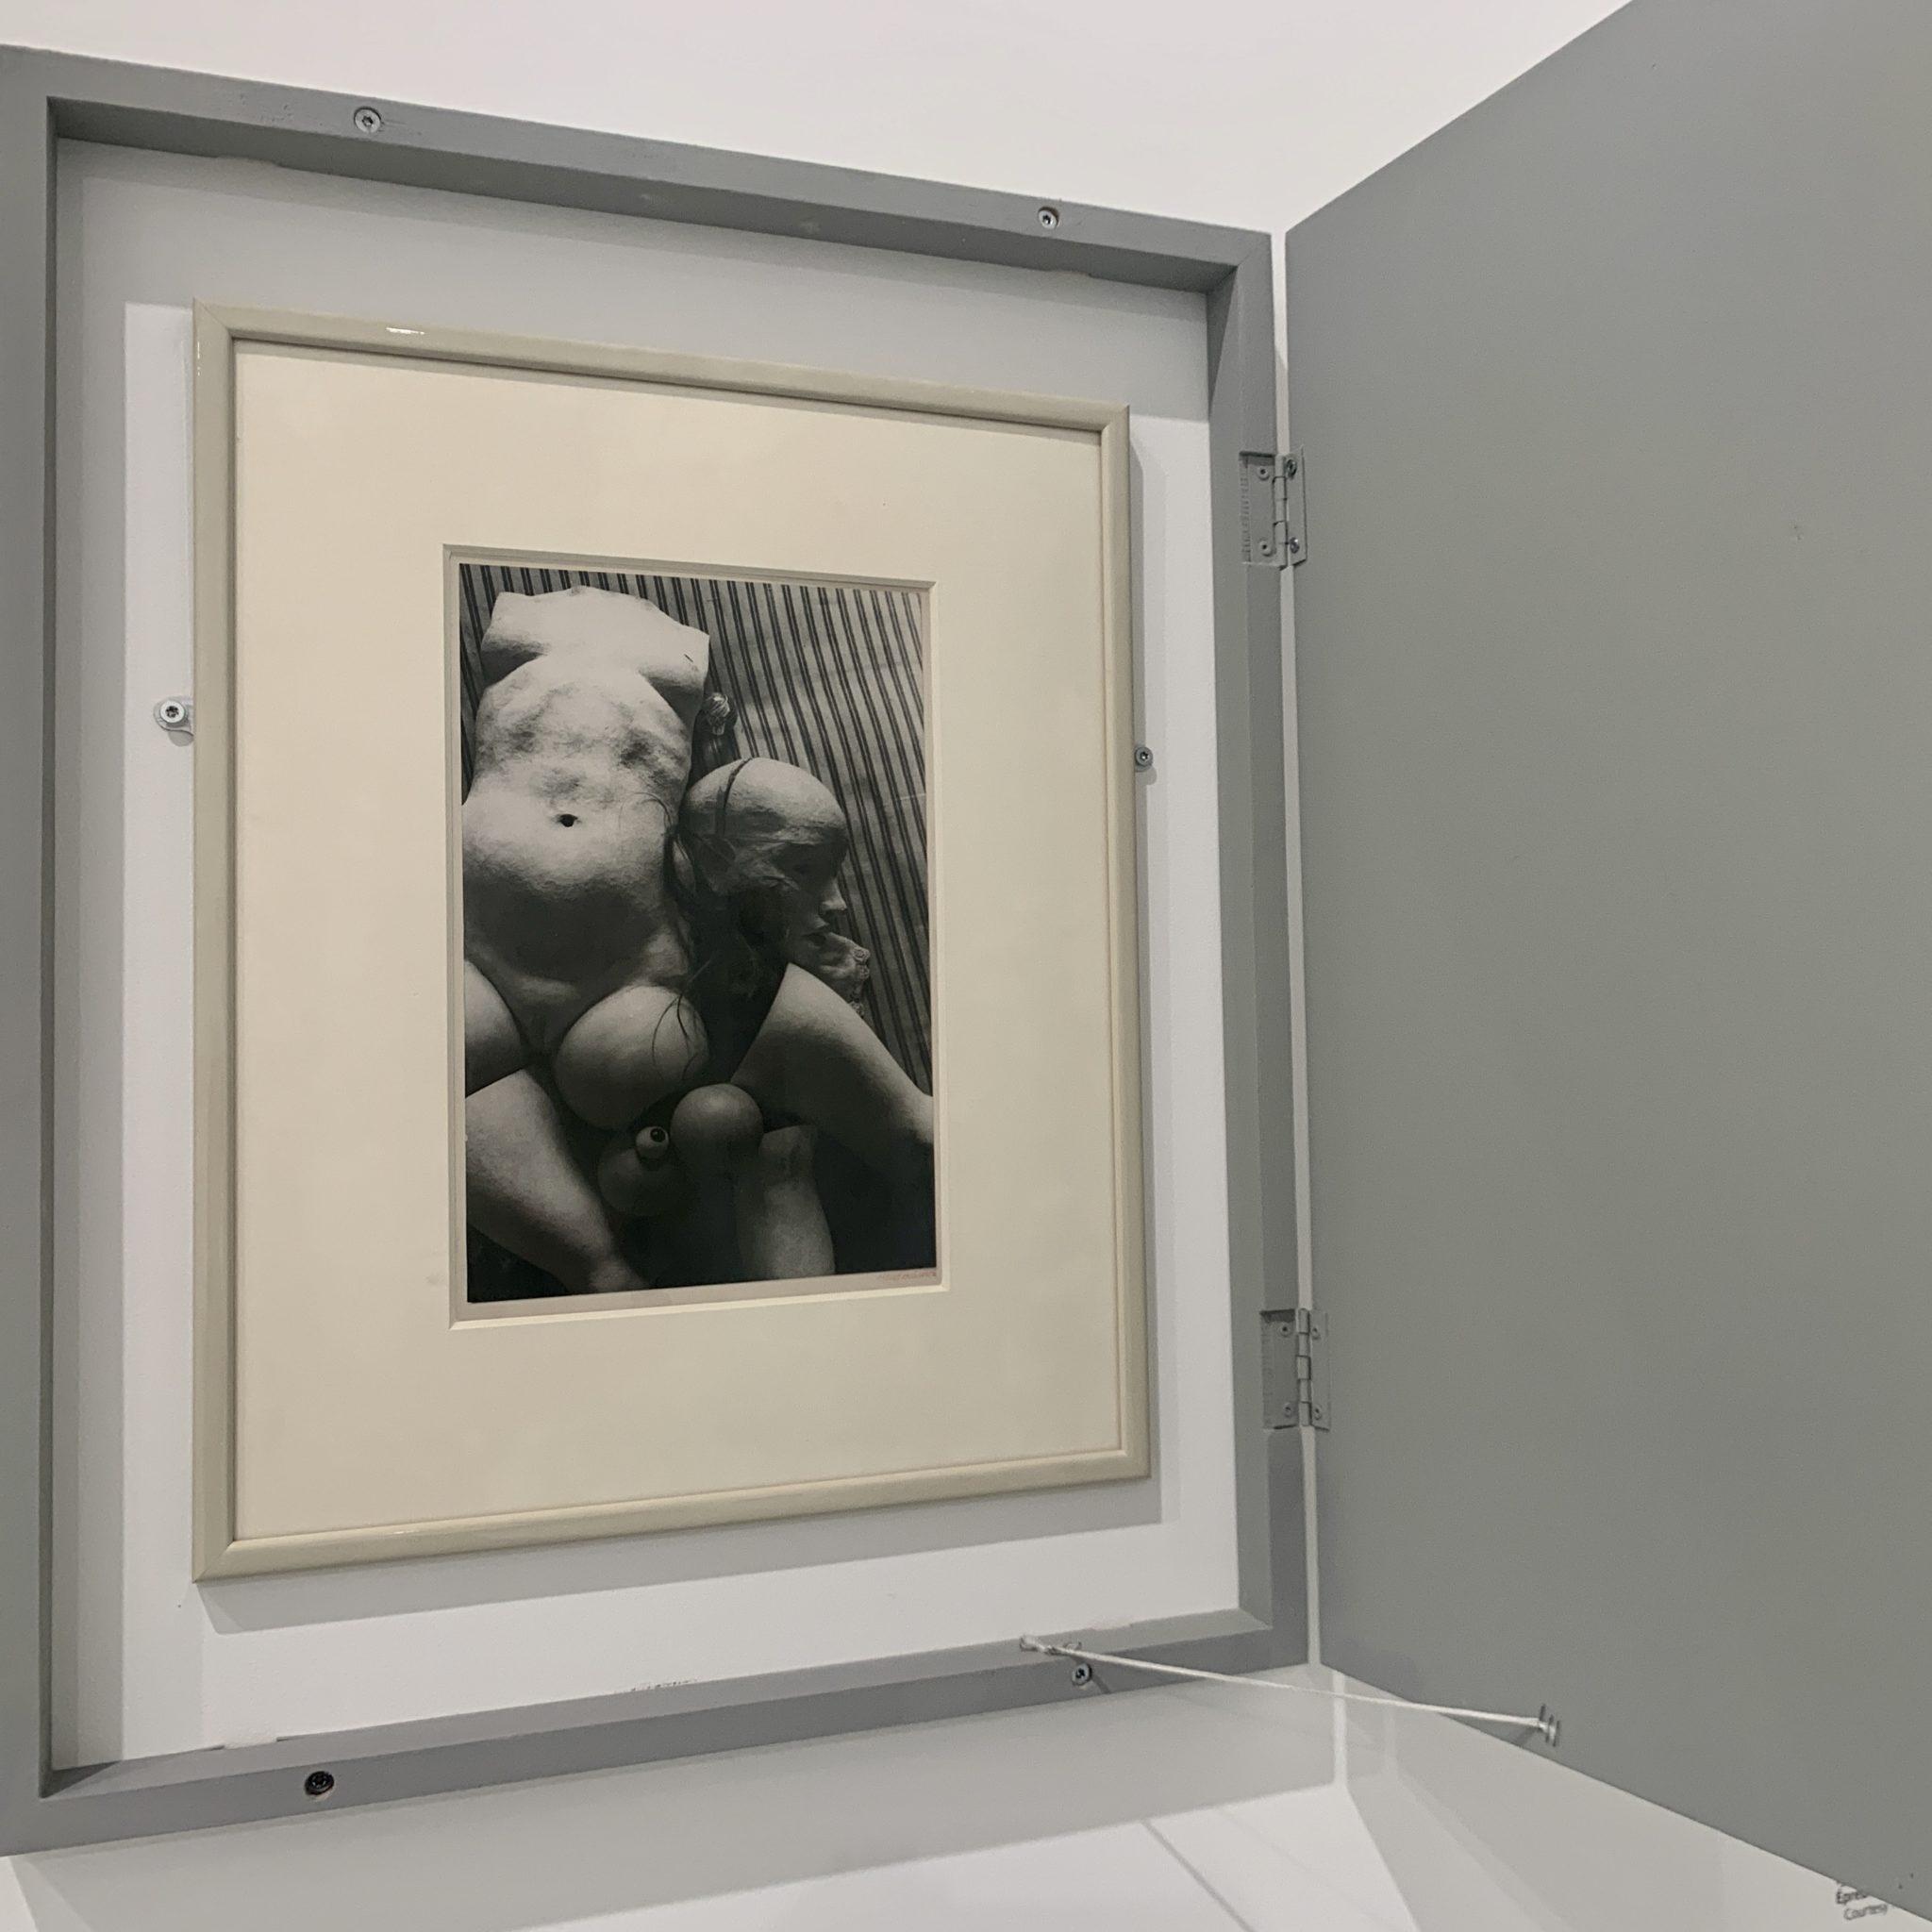 Hans Bellmer, Vue de l'exposition «Dancing Machine», Frac Besançon, courtesy artvisions2020